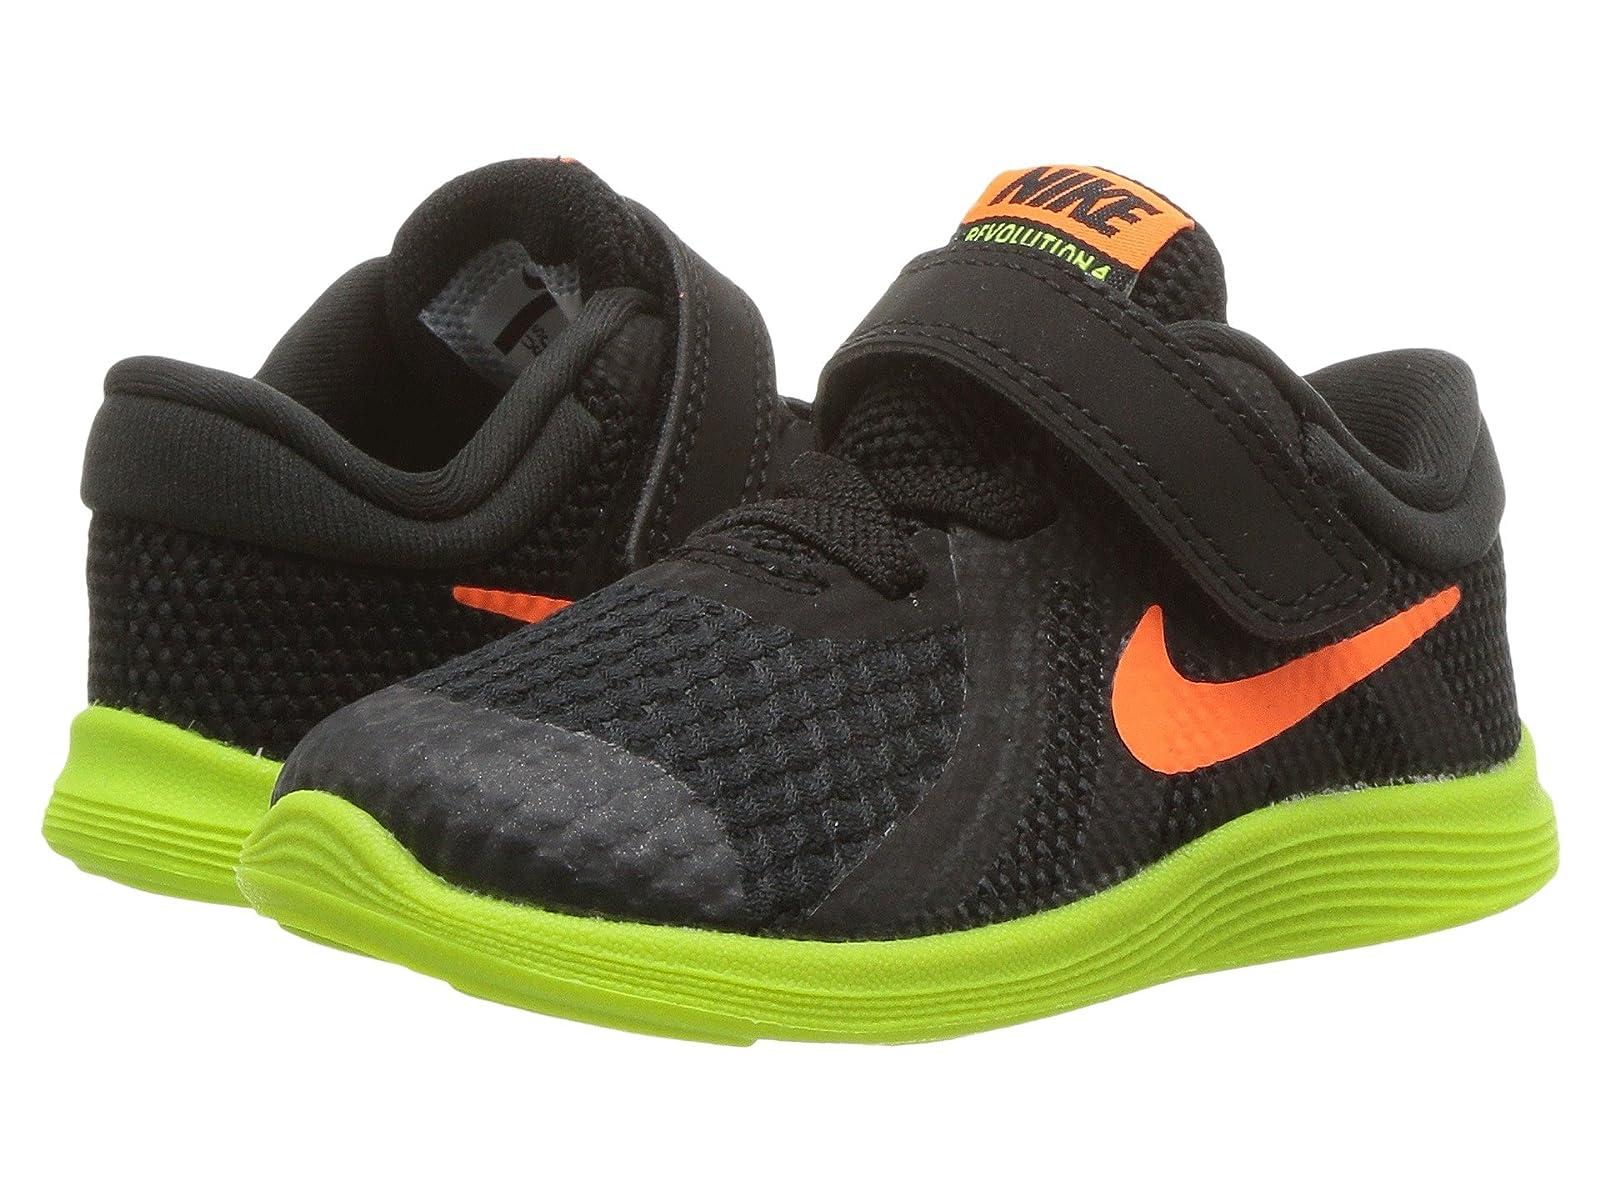 Nike Kids Revolution 4 4 Revolution Fade (Infant/Toddler) 5429e5